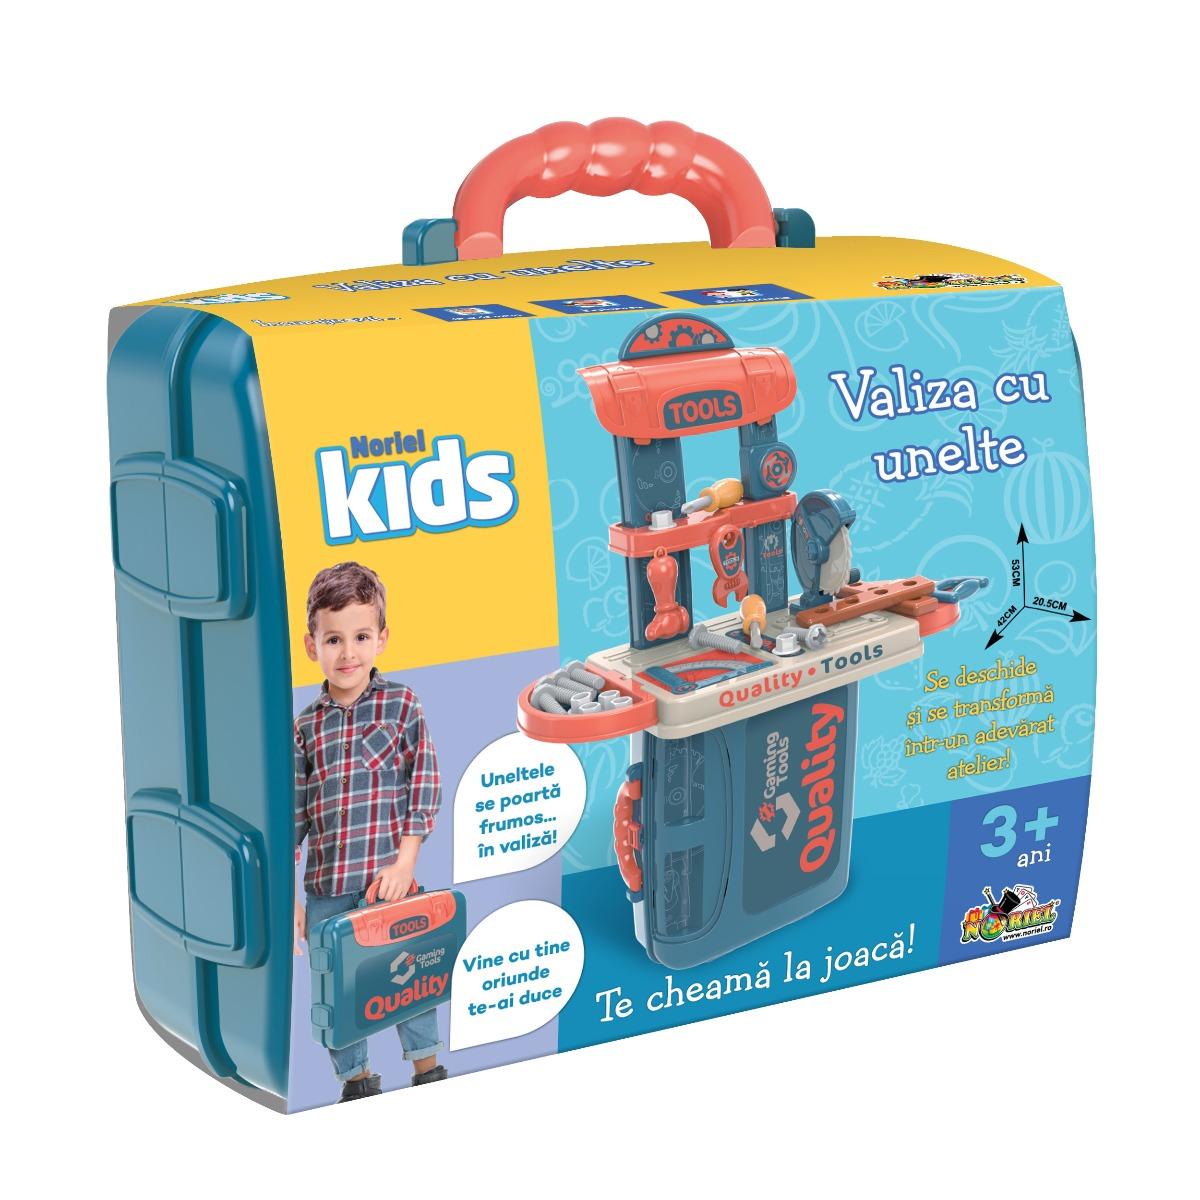 Jucarie de imitatie Noriel Kids, Valiza cu unelte